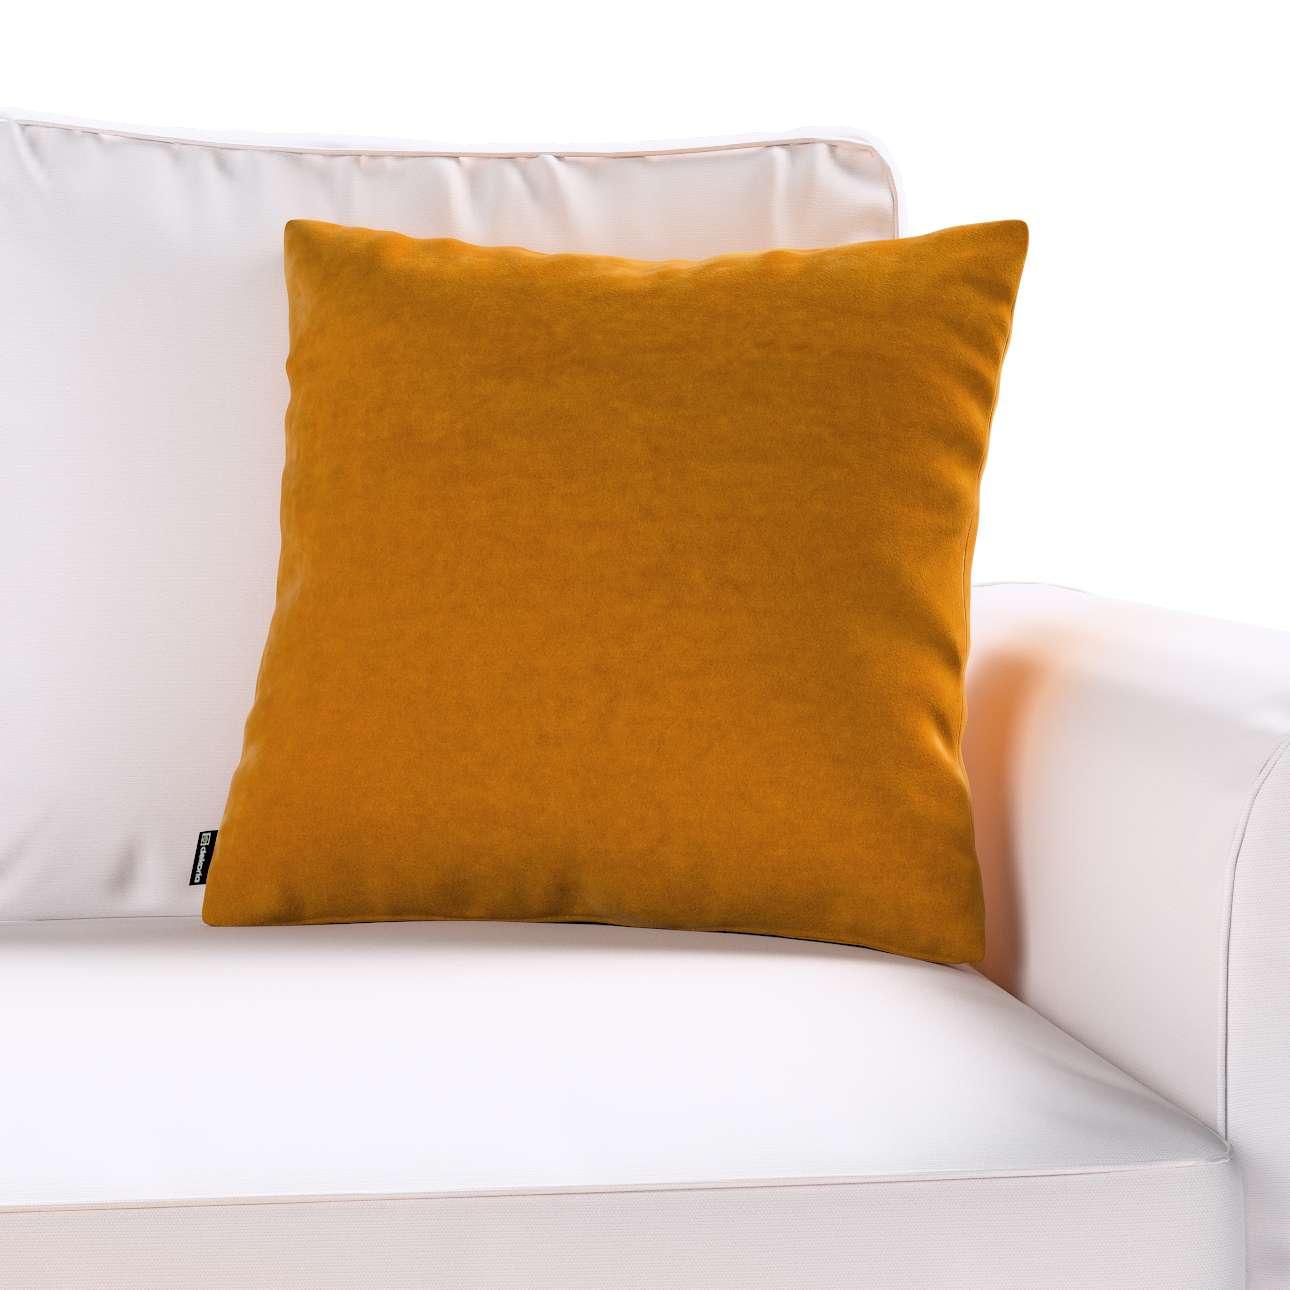 Poszewka Kinga na poduszkę w kolekcji Velvet, tkanina: 704-23